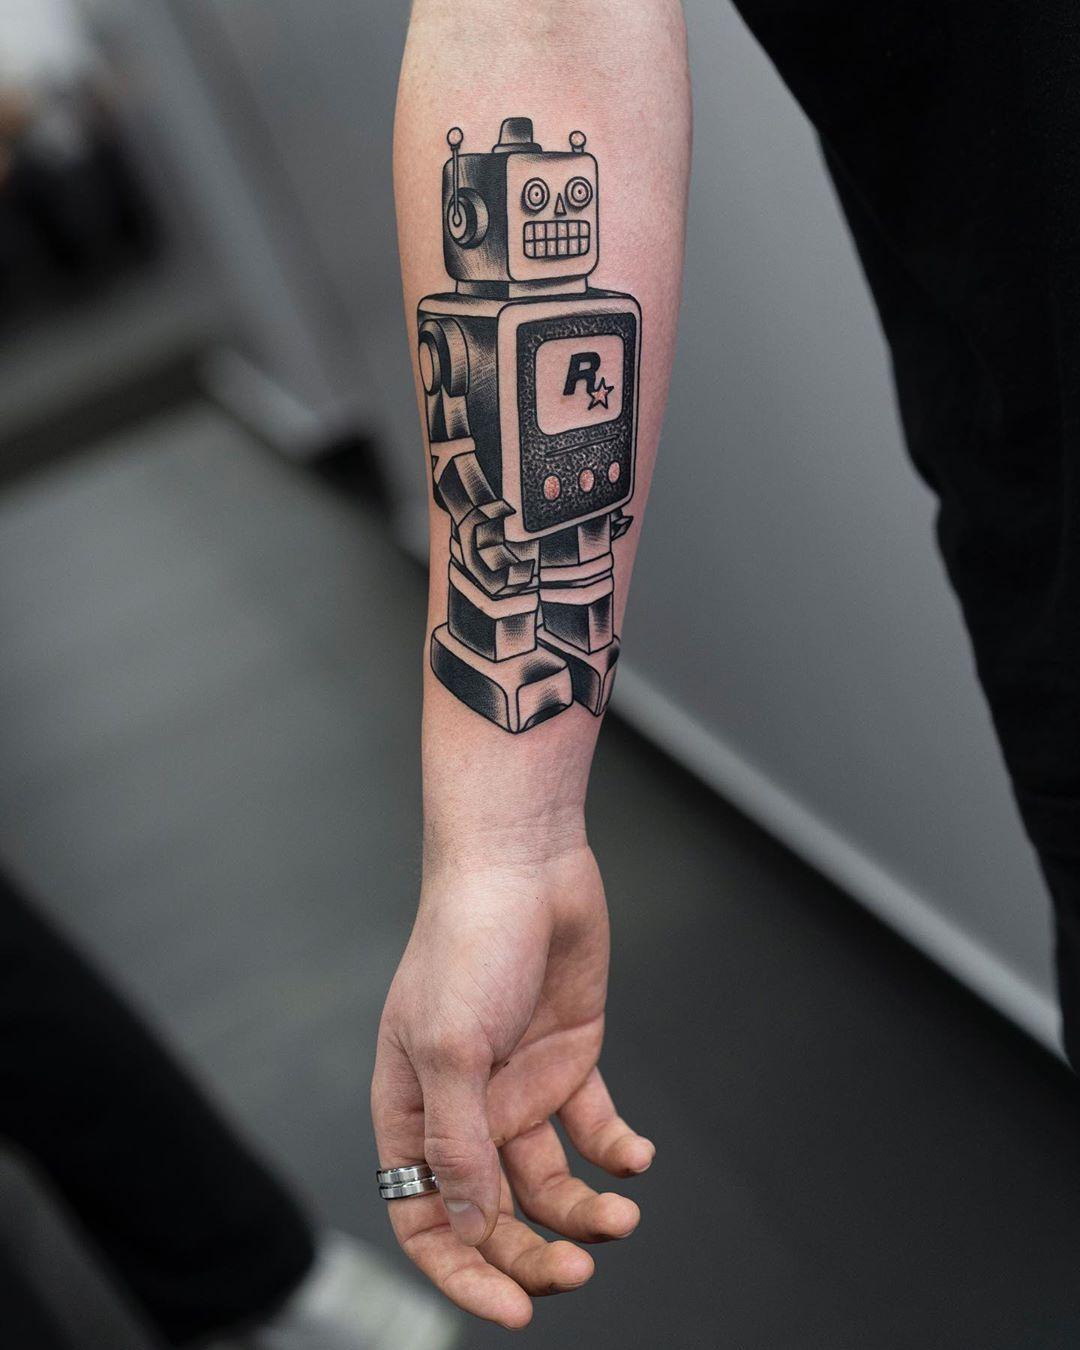 ✨ @_balaganov_ ✨  #łódź#łdz#eudezet#offpiotrkowska#tattoo#illustrationblackworkers#blackwork#tattrx#darkartists#polishgirl#inkstinctsubmission#inkedmag#taot#tatts#tattooed#tattoodo#blackwork#equilattera#blacktattoomag#blacktartoo#tattoo#blacktattooart#blackworkerssubmission#wowtattoo#onlyblackart#blxckink#xtatts#theartoftattoos#onlyblackart#btattooing#polandtattoos#balmtattoopolska